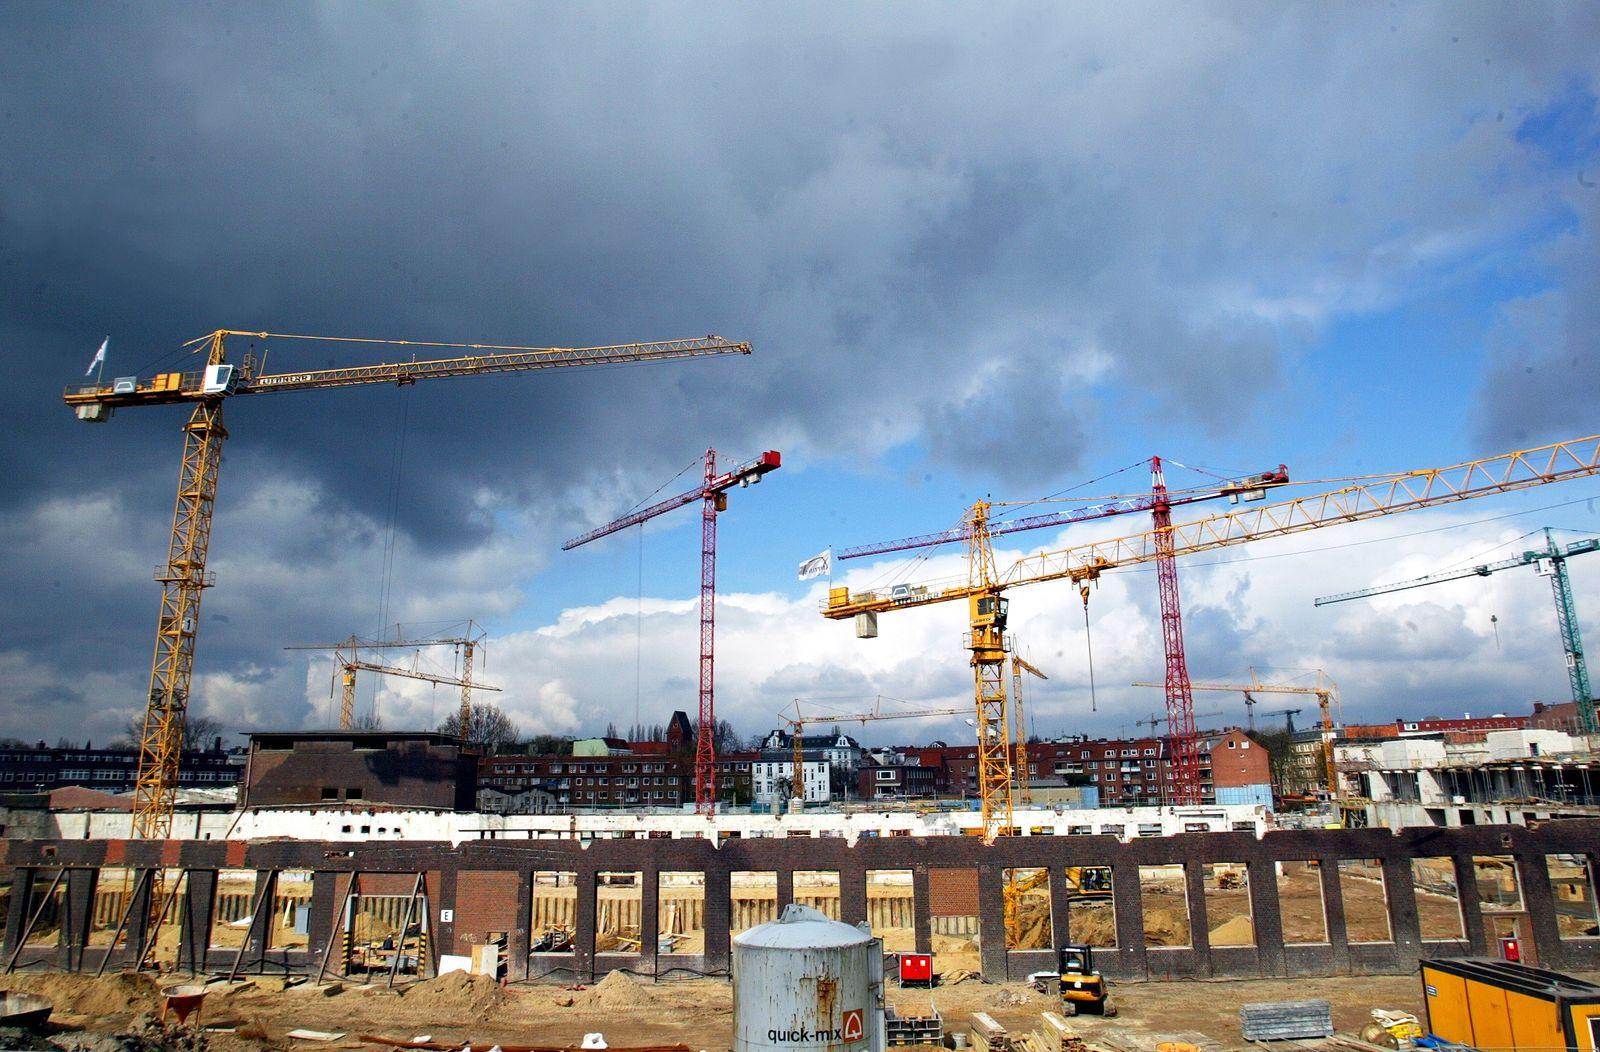 NICHT VERWENDEN Hausbau / Wohnungsbau / Konjunktur